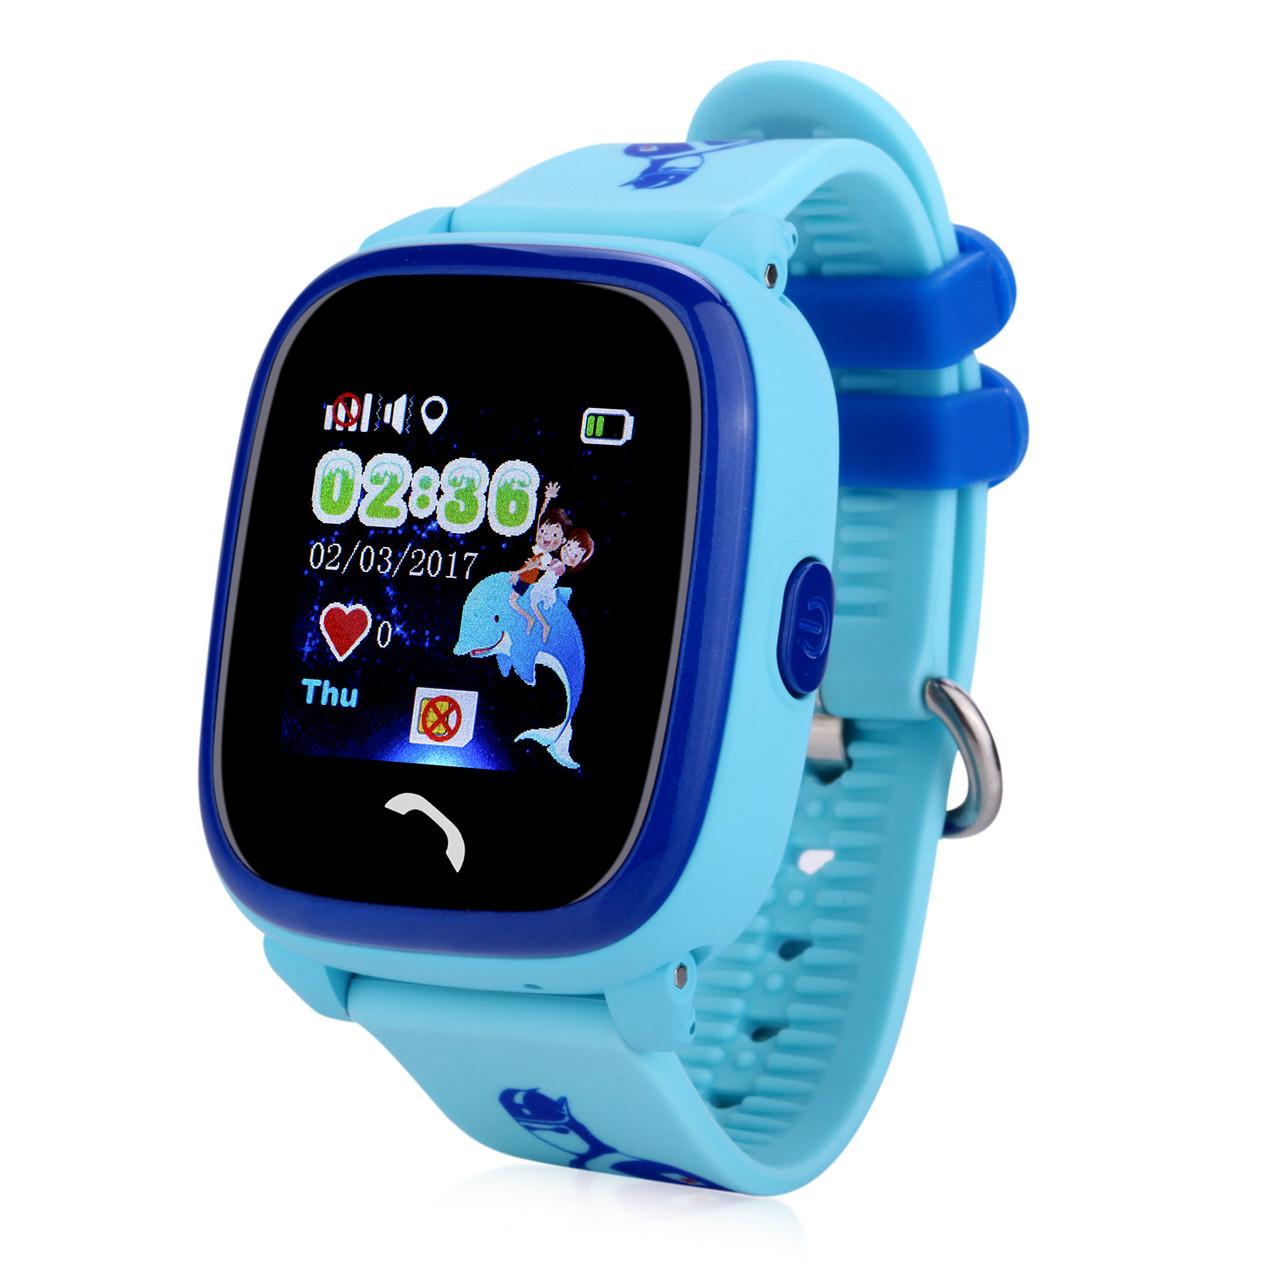 Умные часы gps smart watch описание 5 класс